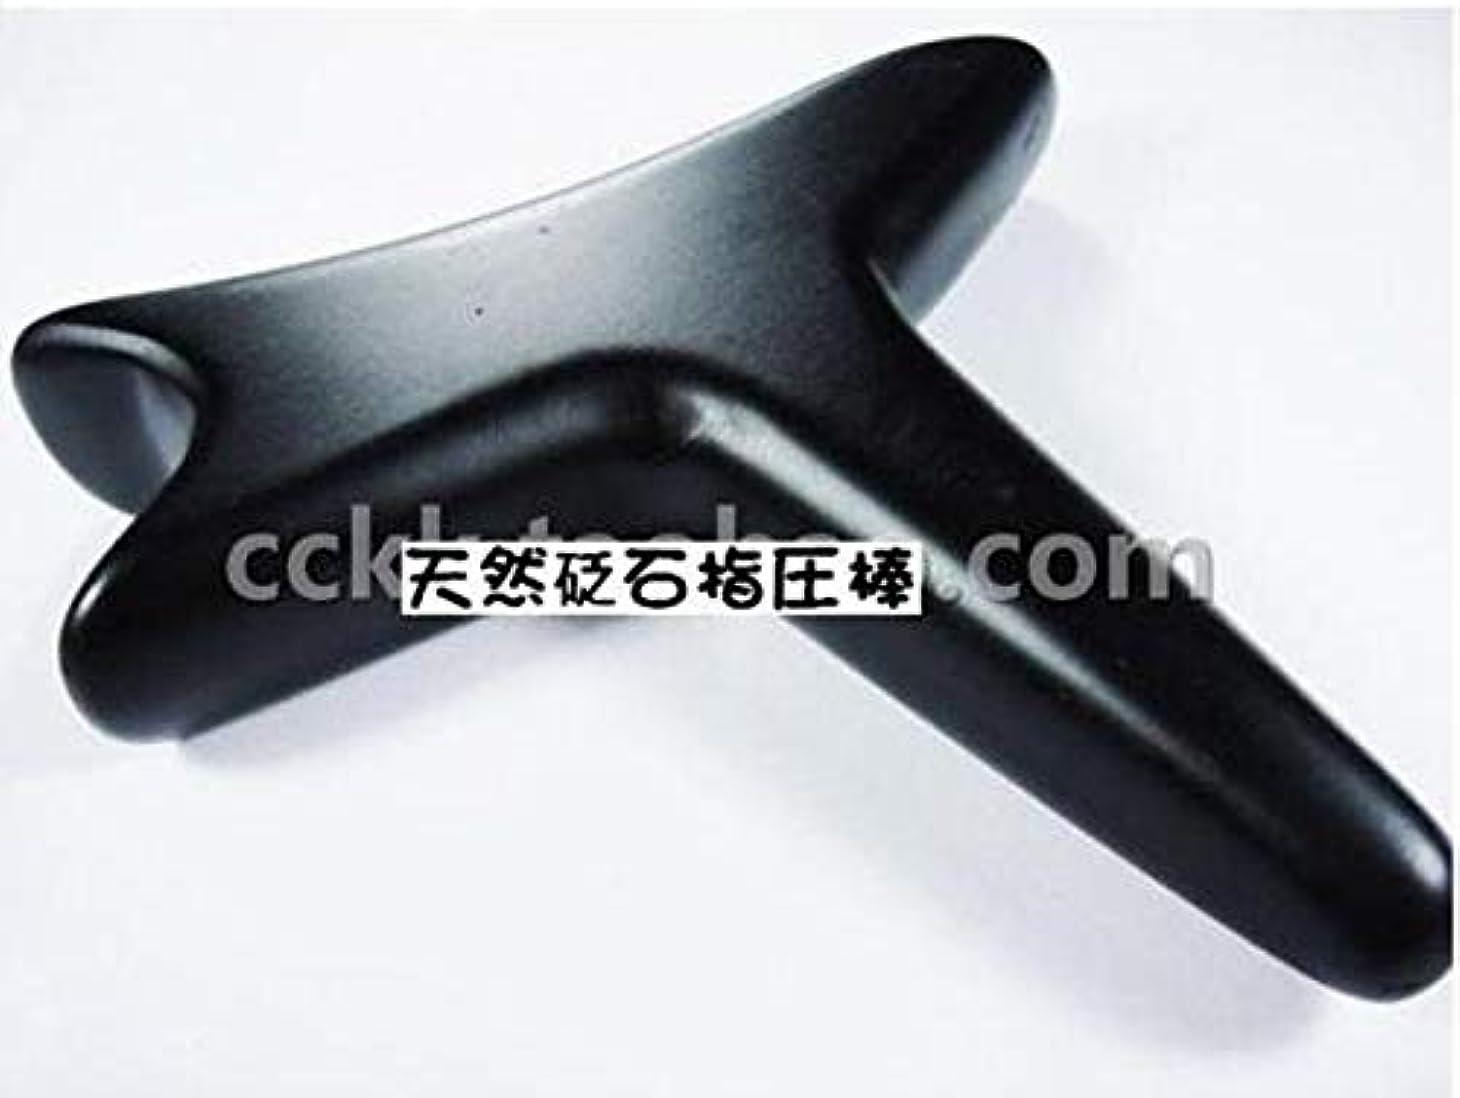 純粋にぎこちない手首天然指圧石「砭石燕尾錐」石指圧棒/マッサージ棒?指圧棒